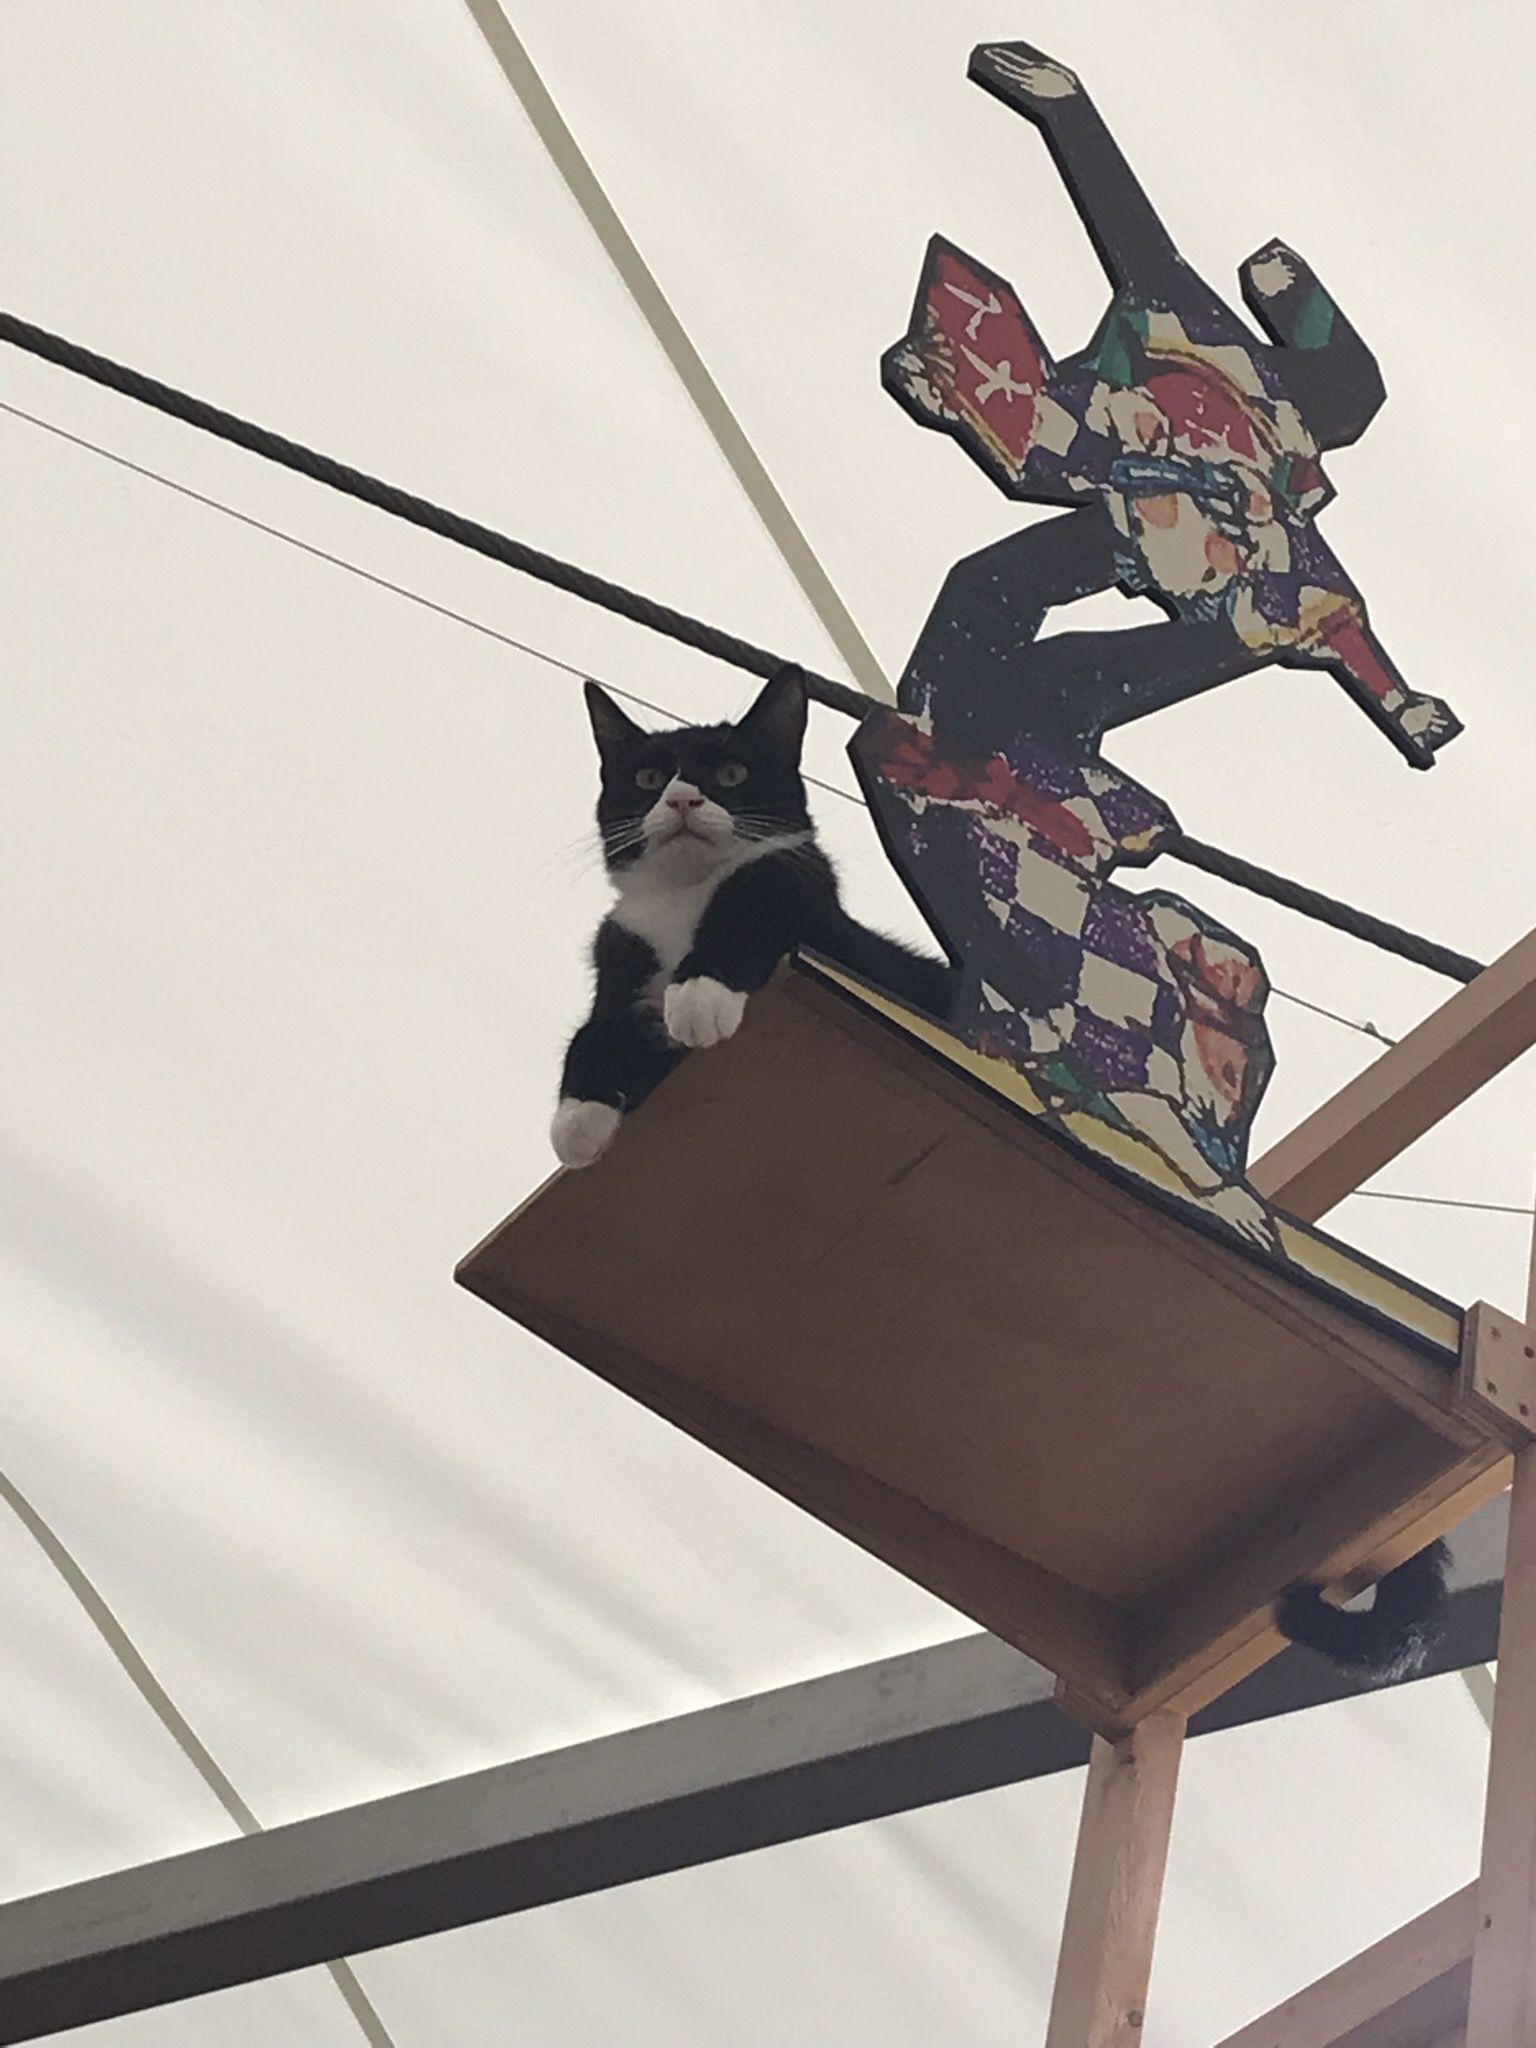 上からネコ